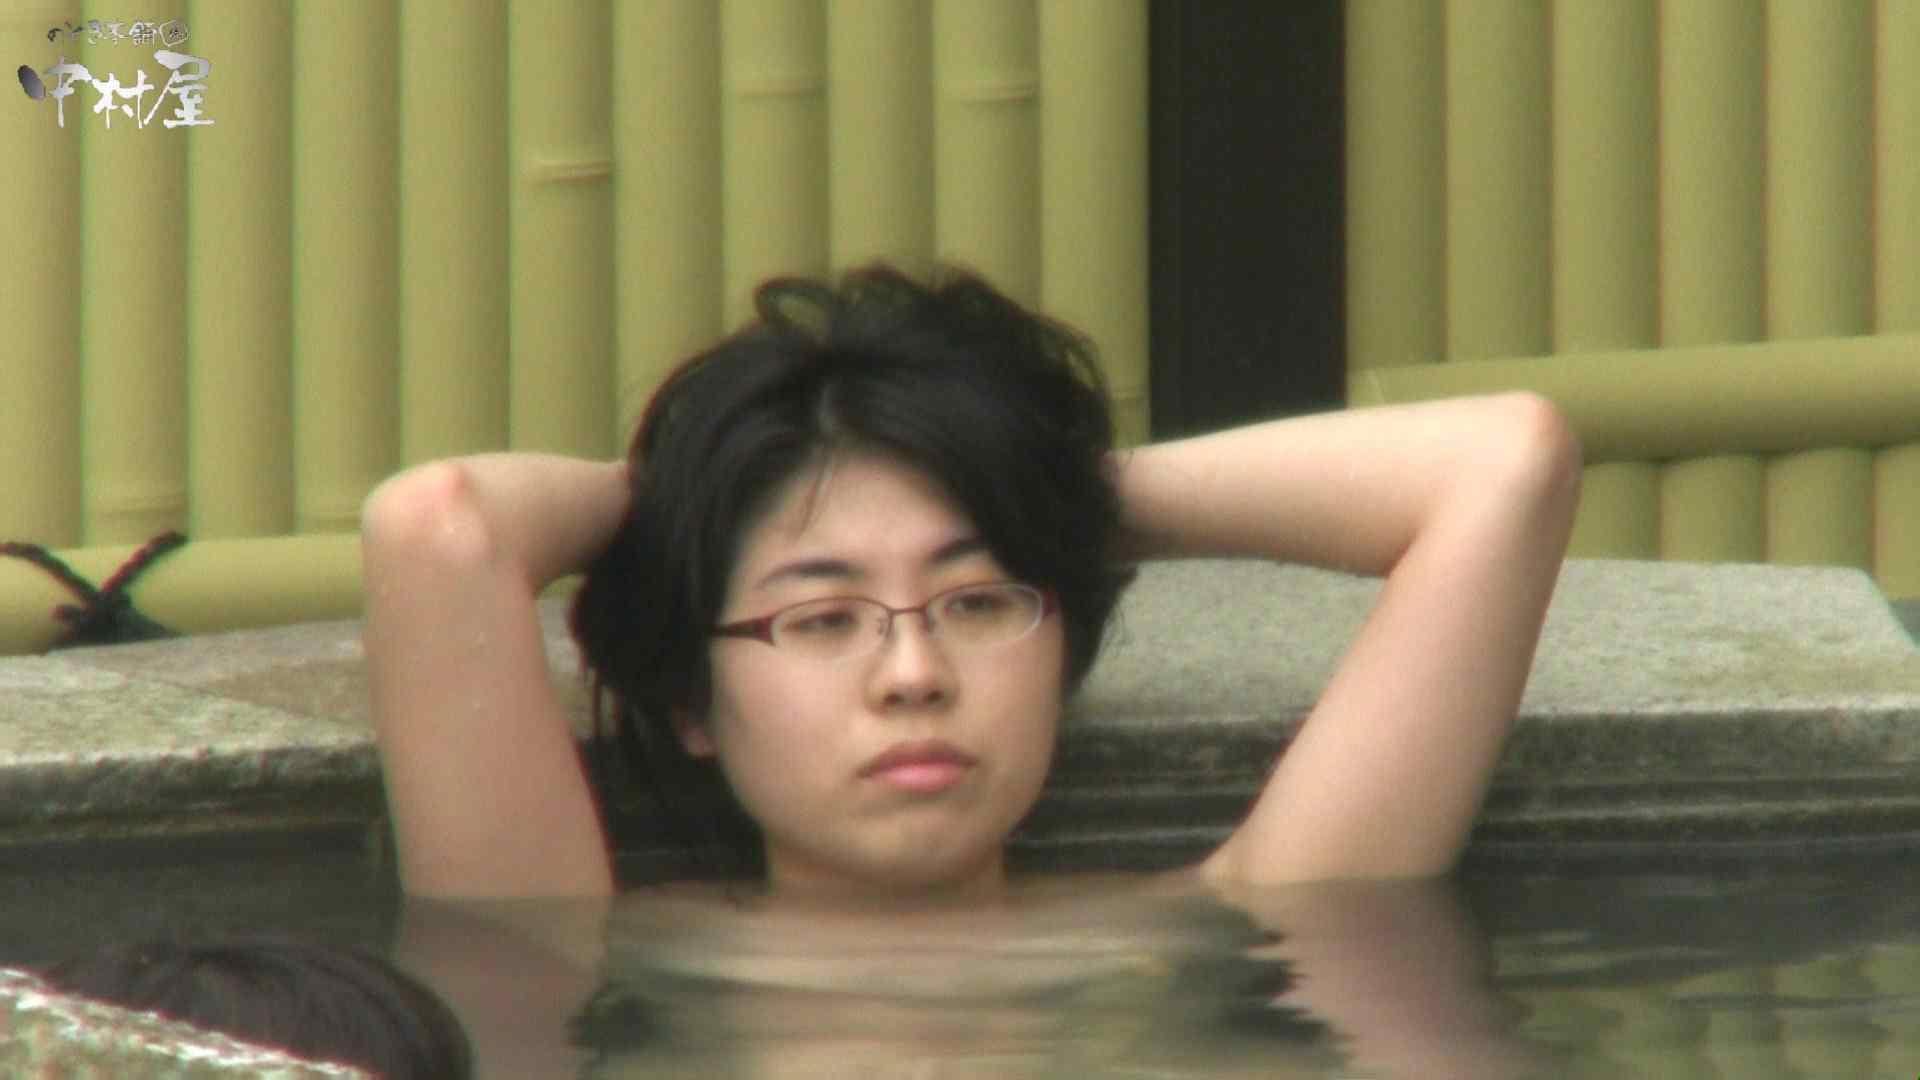 Aquaな露天風呂Vol.947 OLハメ撮り  61Pix 53